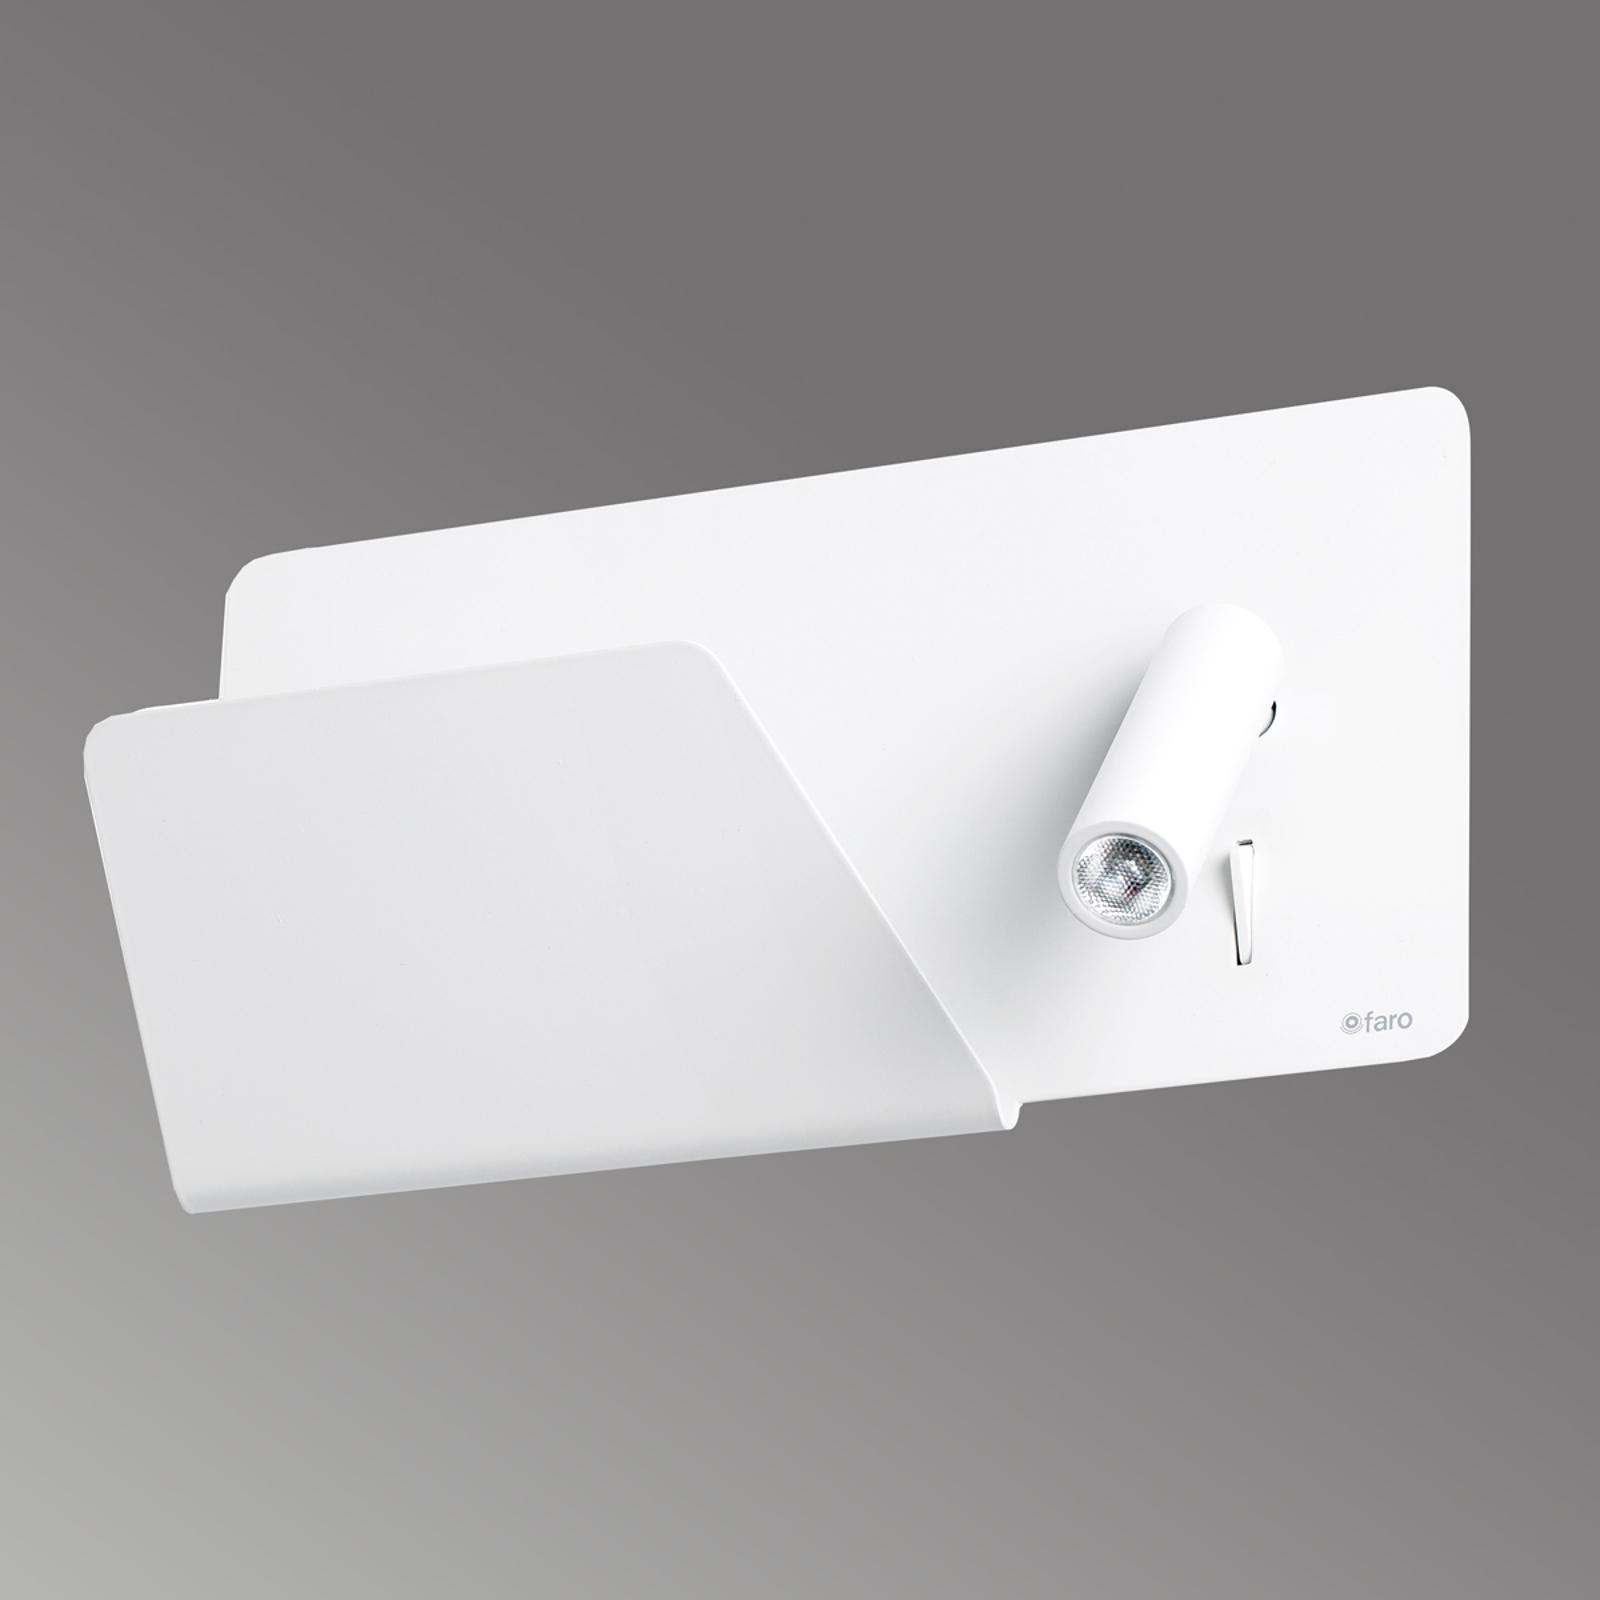 Suau - applique LED bianca con piano d'appoggio